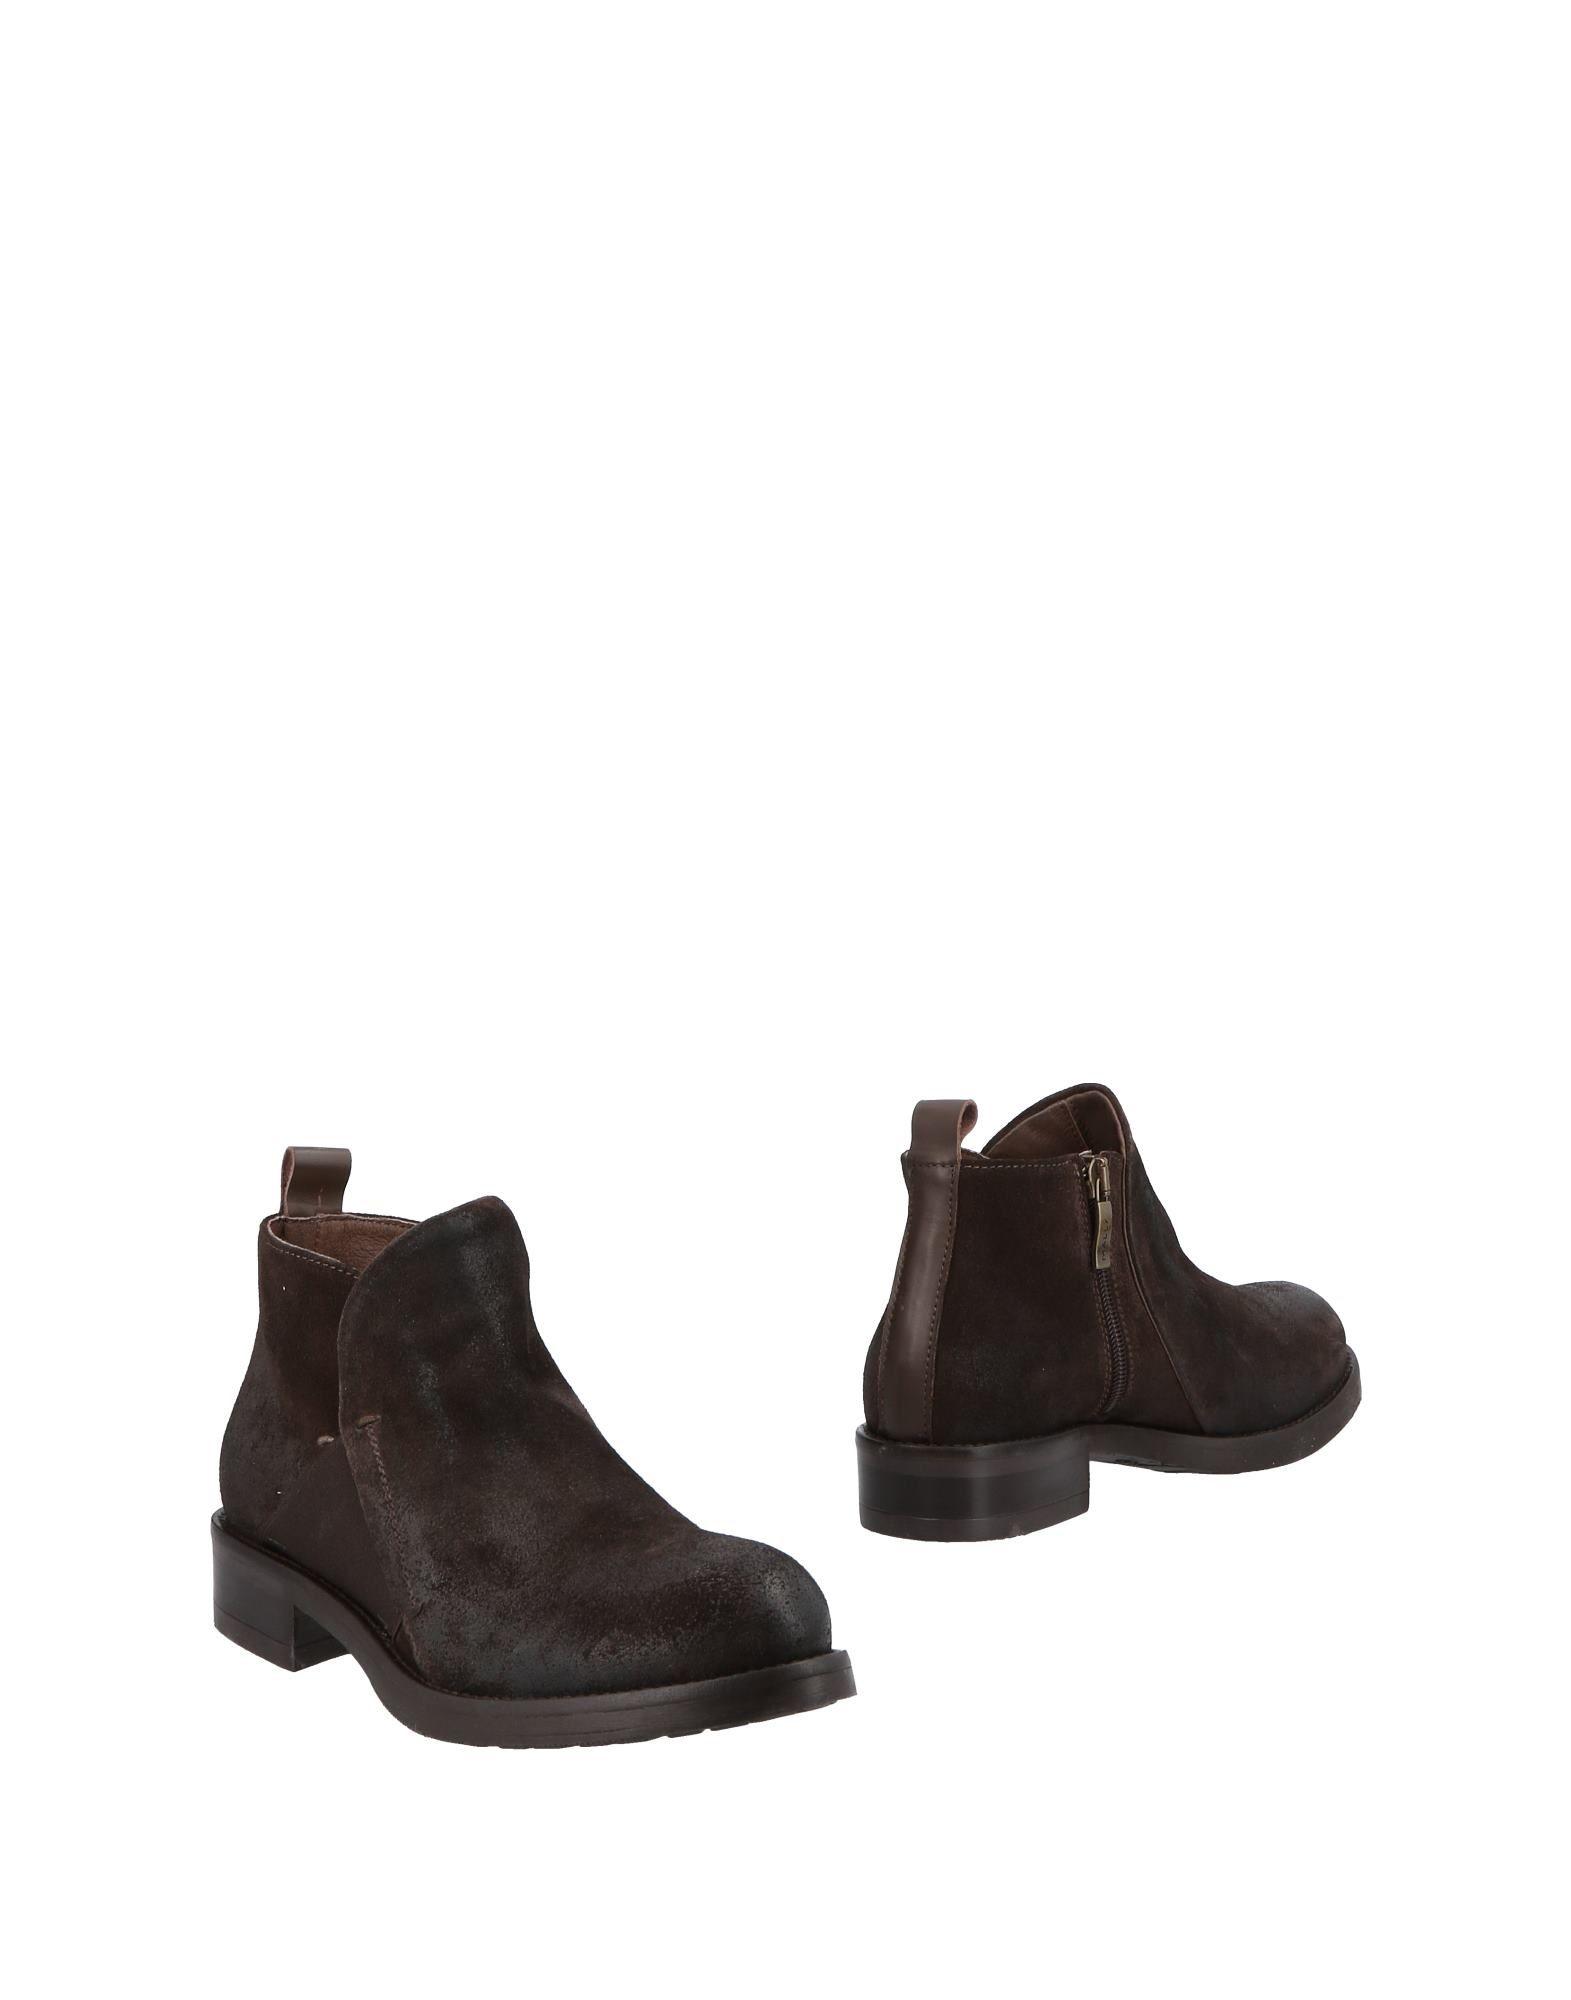 Mally Stiefelette Damen  Schuhe 11502302EH Gute Qualität beliebte Schuhe  74d2a9